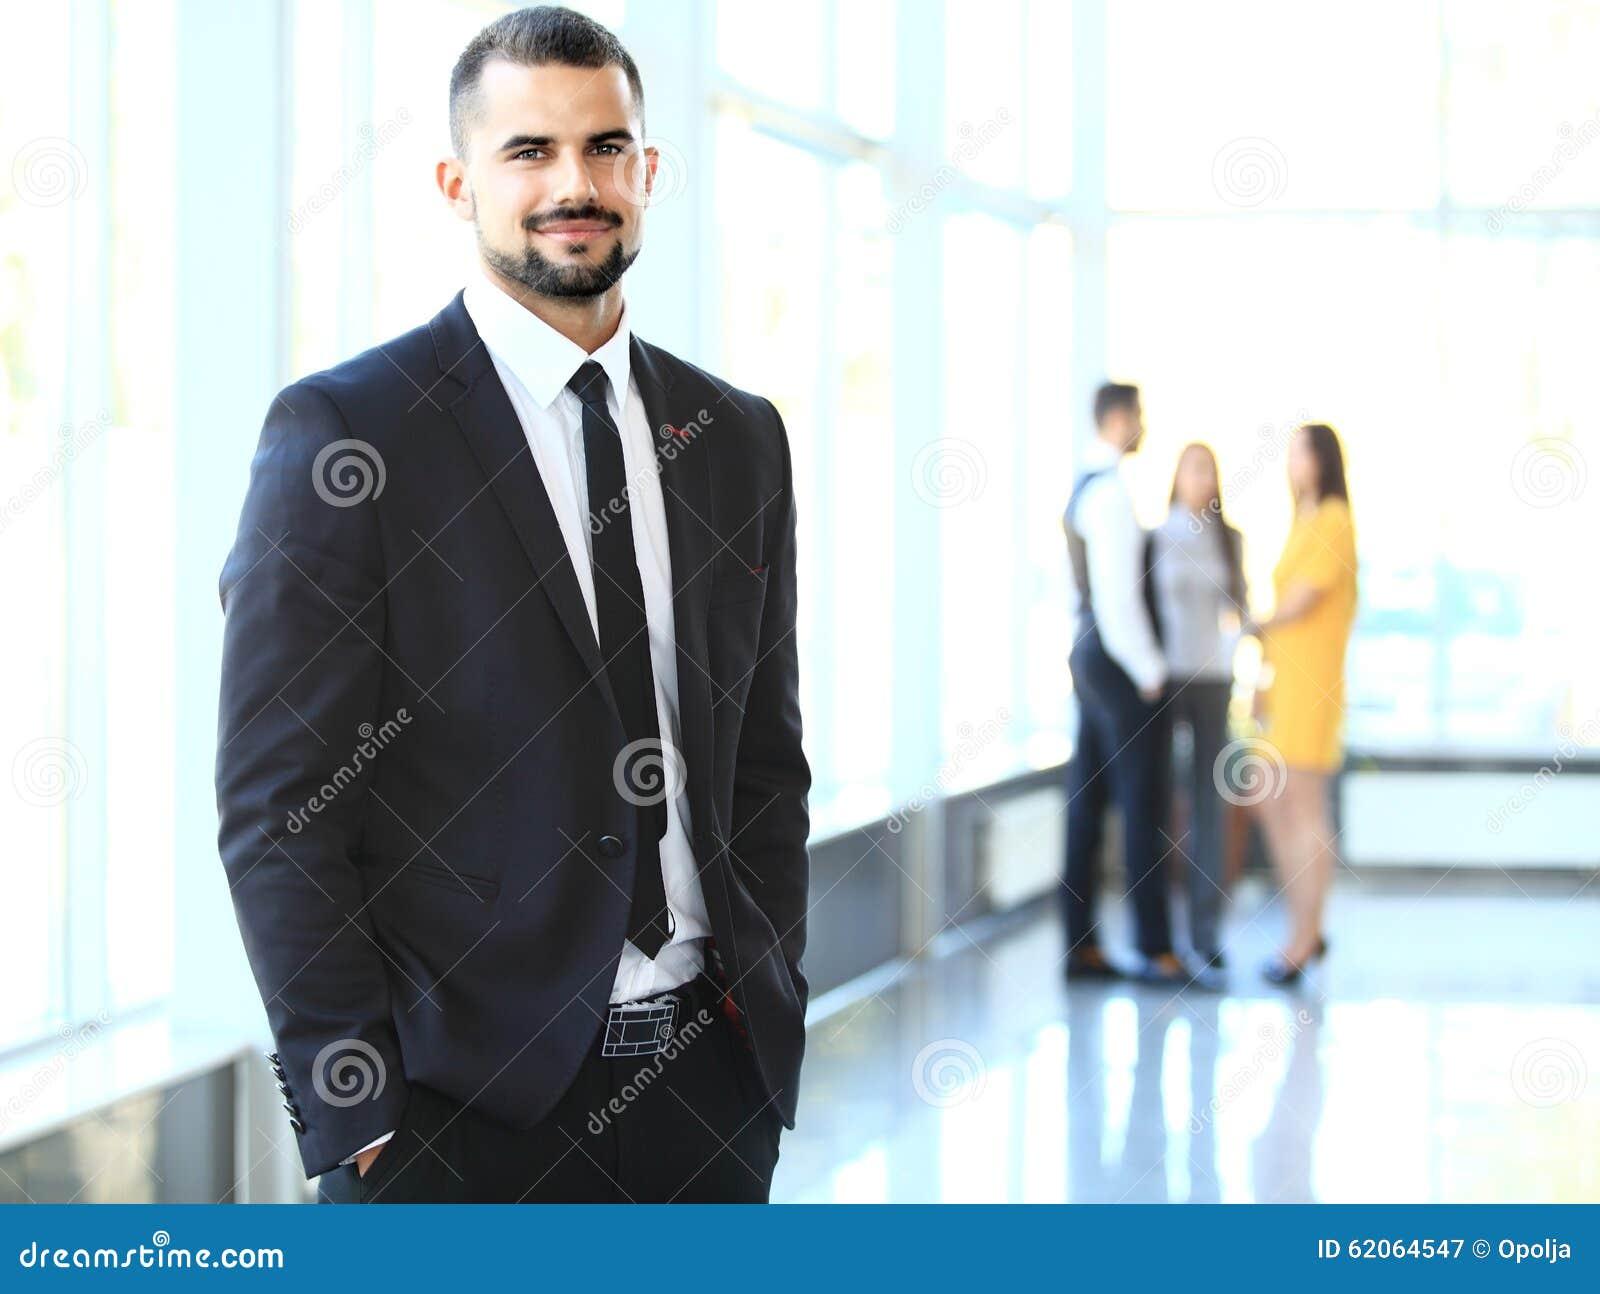 Imagen de los hombres de negocios jovenes elegantes que miran la cámara